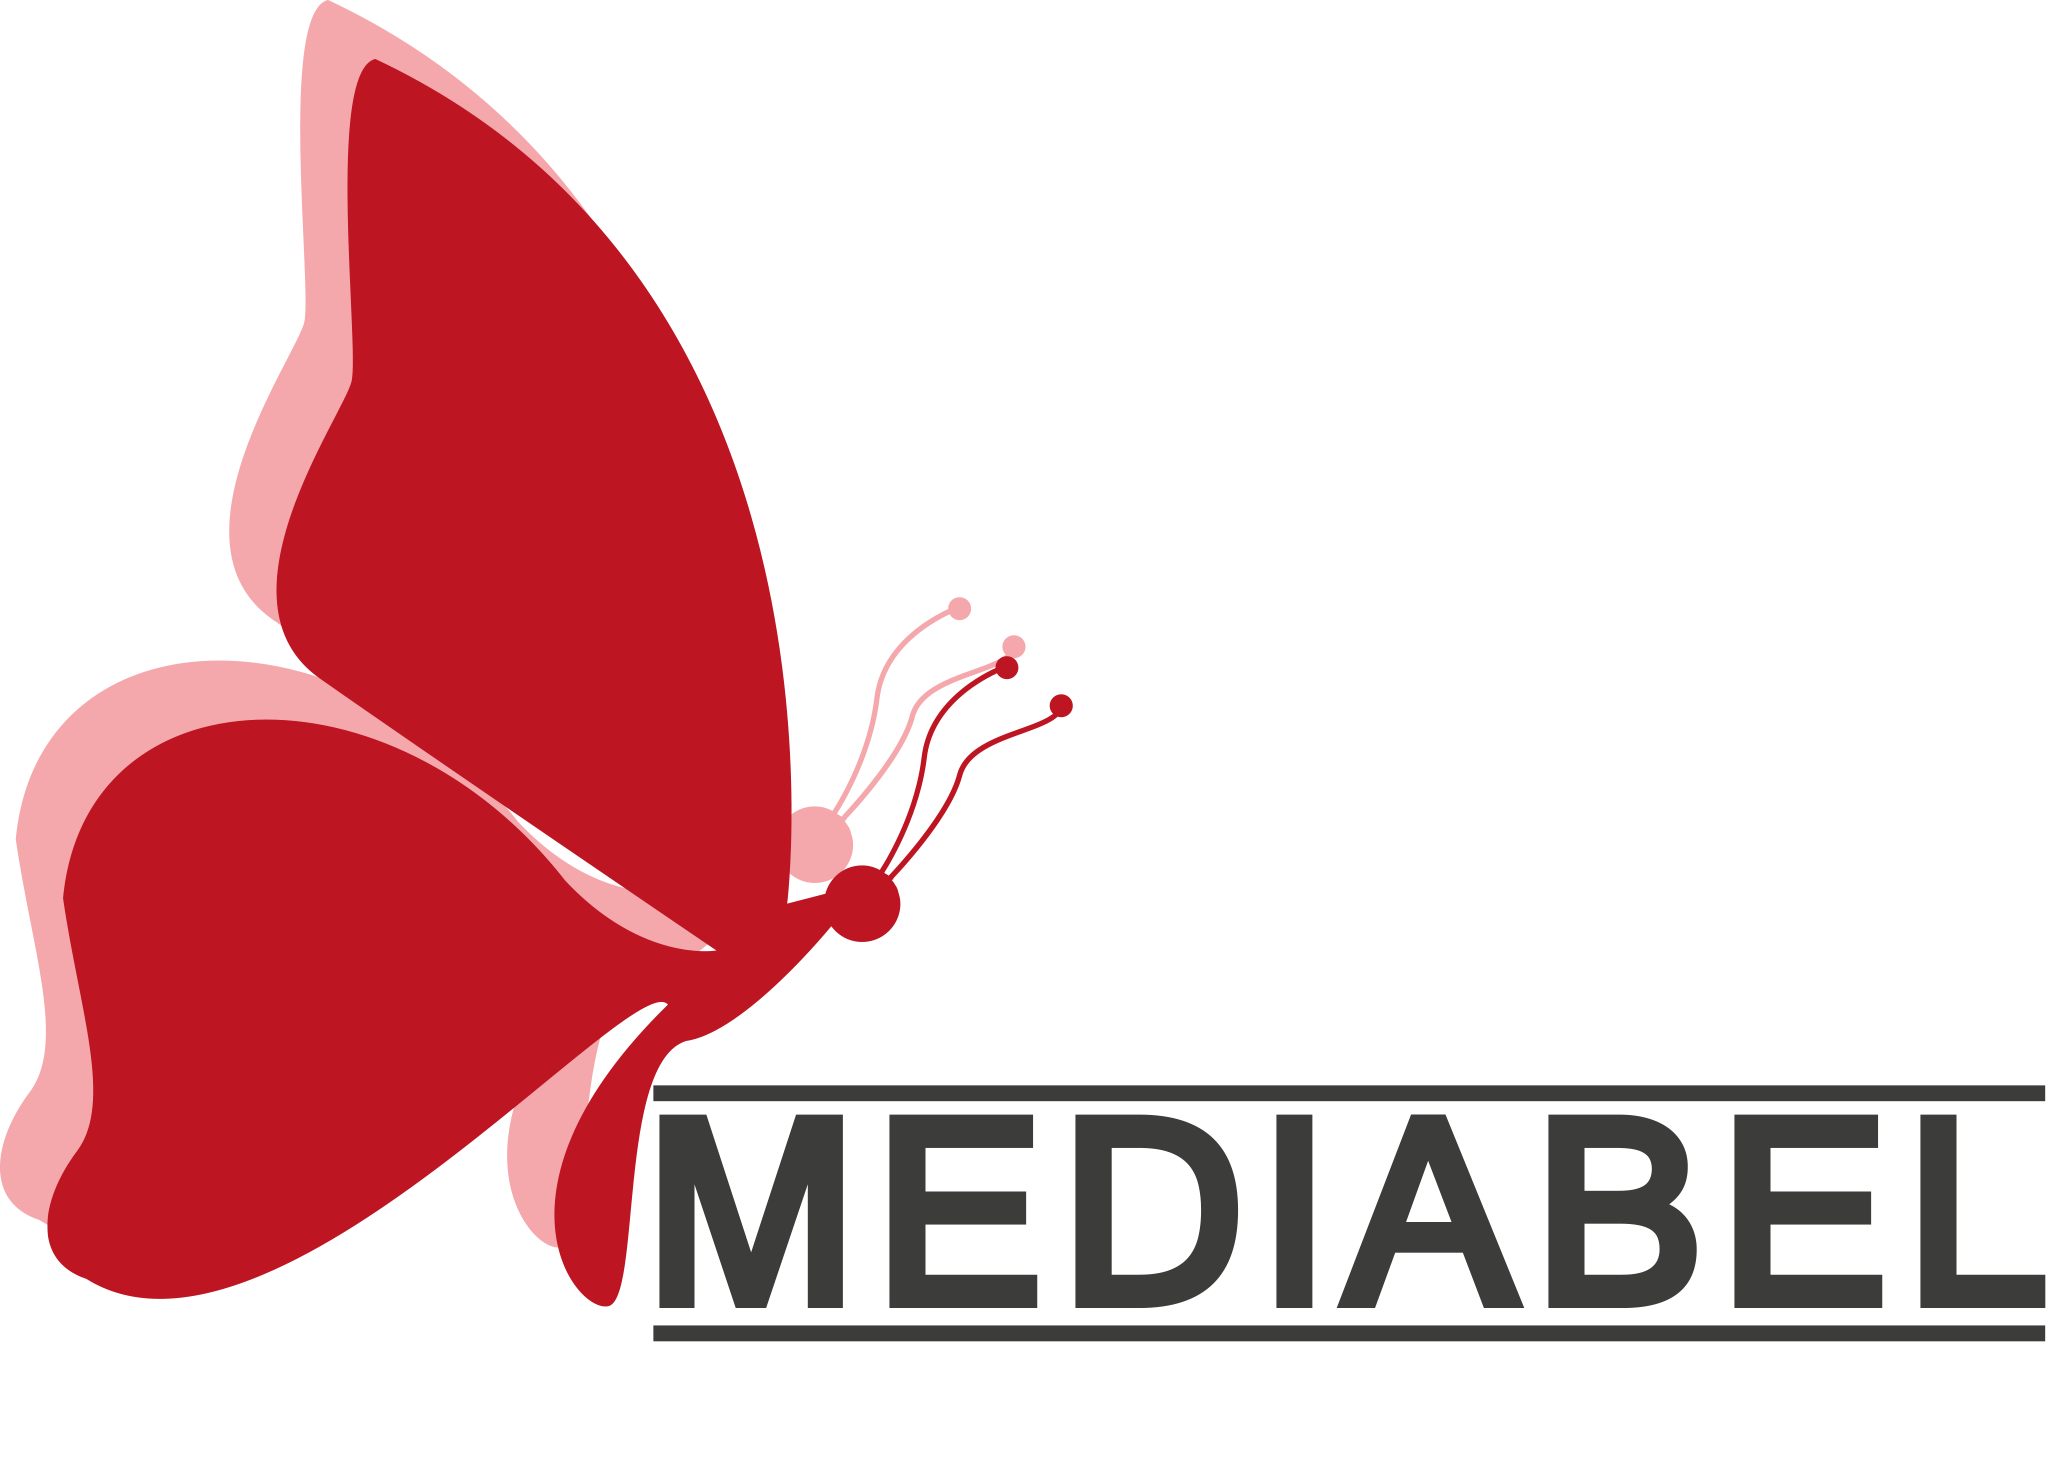 MEDIABEL